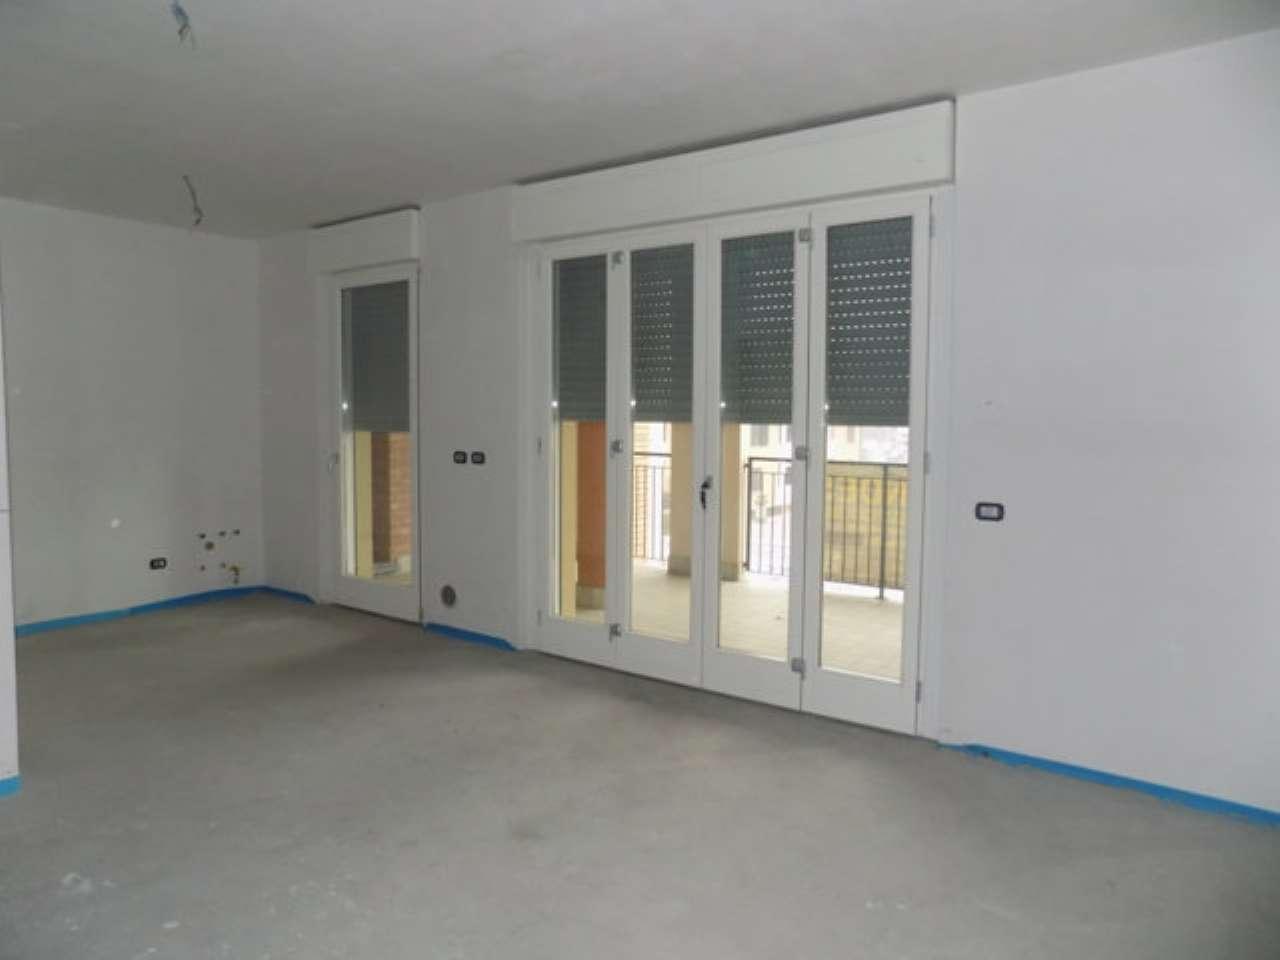 Appartamento in vendita a Garbagnate Milanese, 2 locali, prezzo € 175.000 | CambioCasa.it